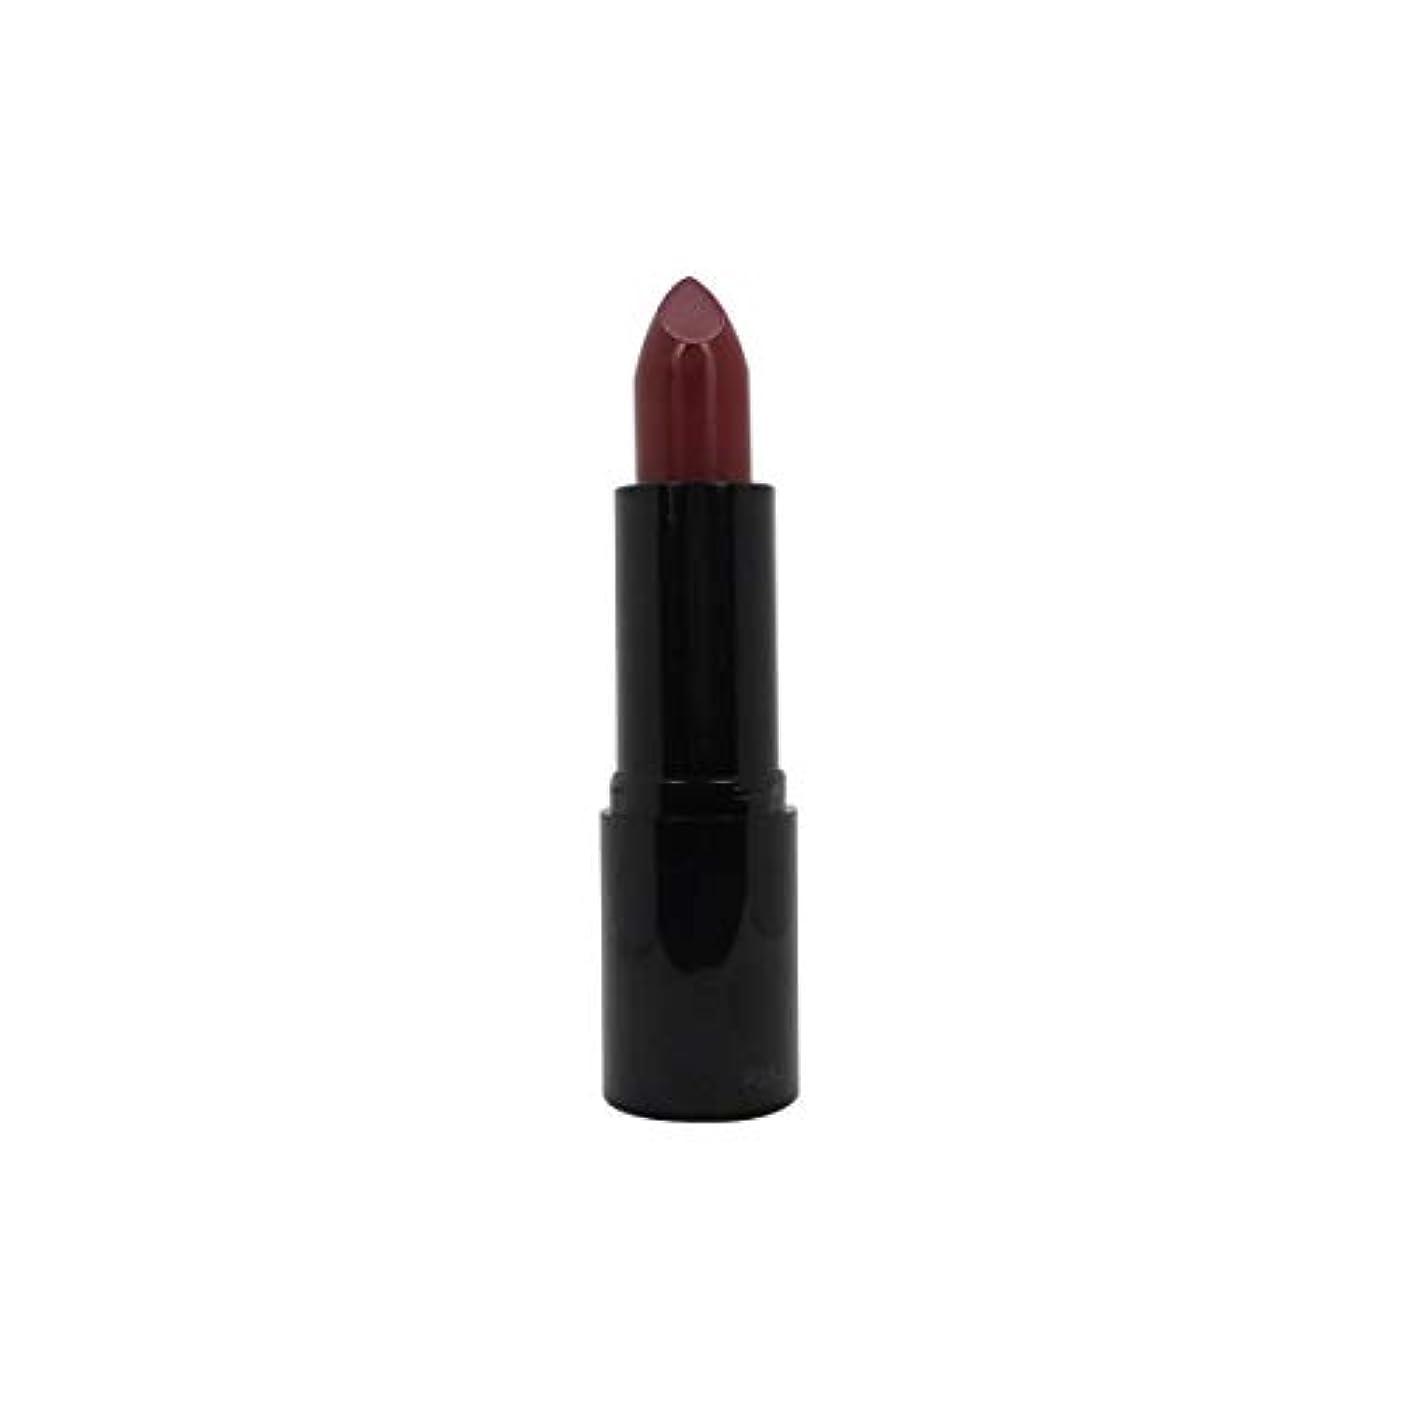 高架バトル高架Skinerie The Collection Lipstick 09 Crazy Nuts 3,5g